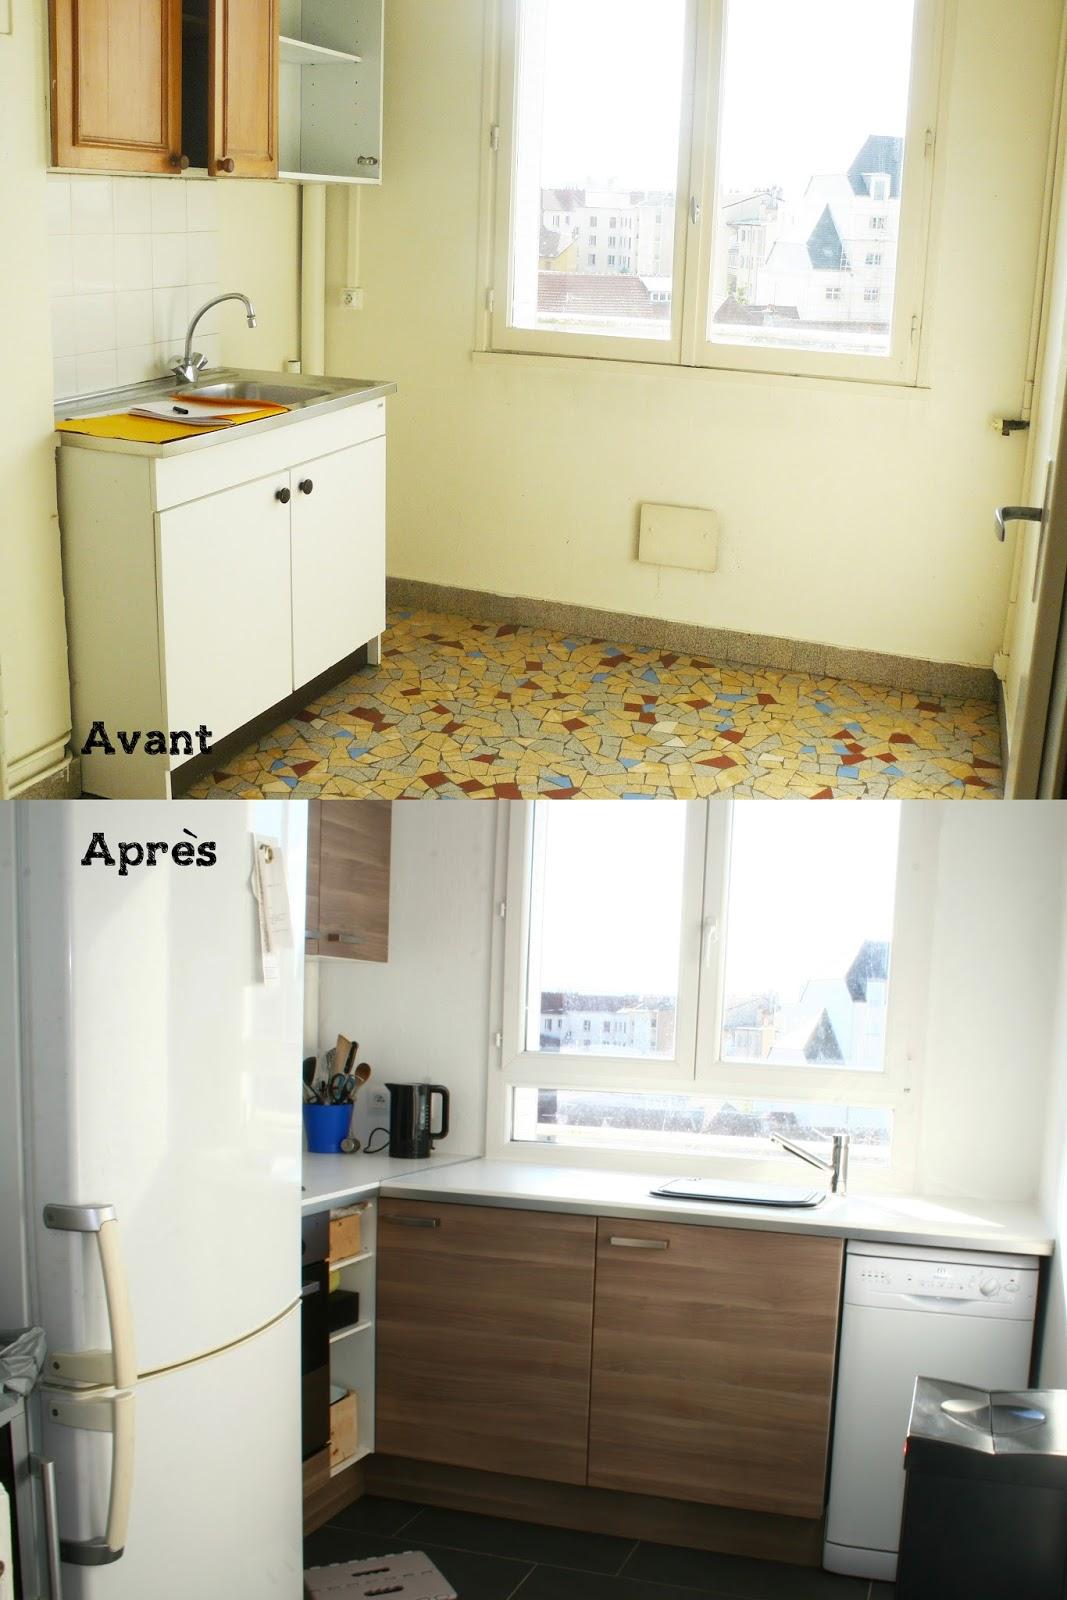 notre petit chez nous ma petite cuisine avant apr s. Black Bedroom Furniture Sets. Home Design Ideas